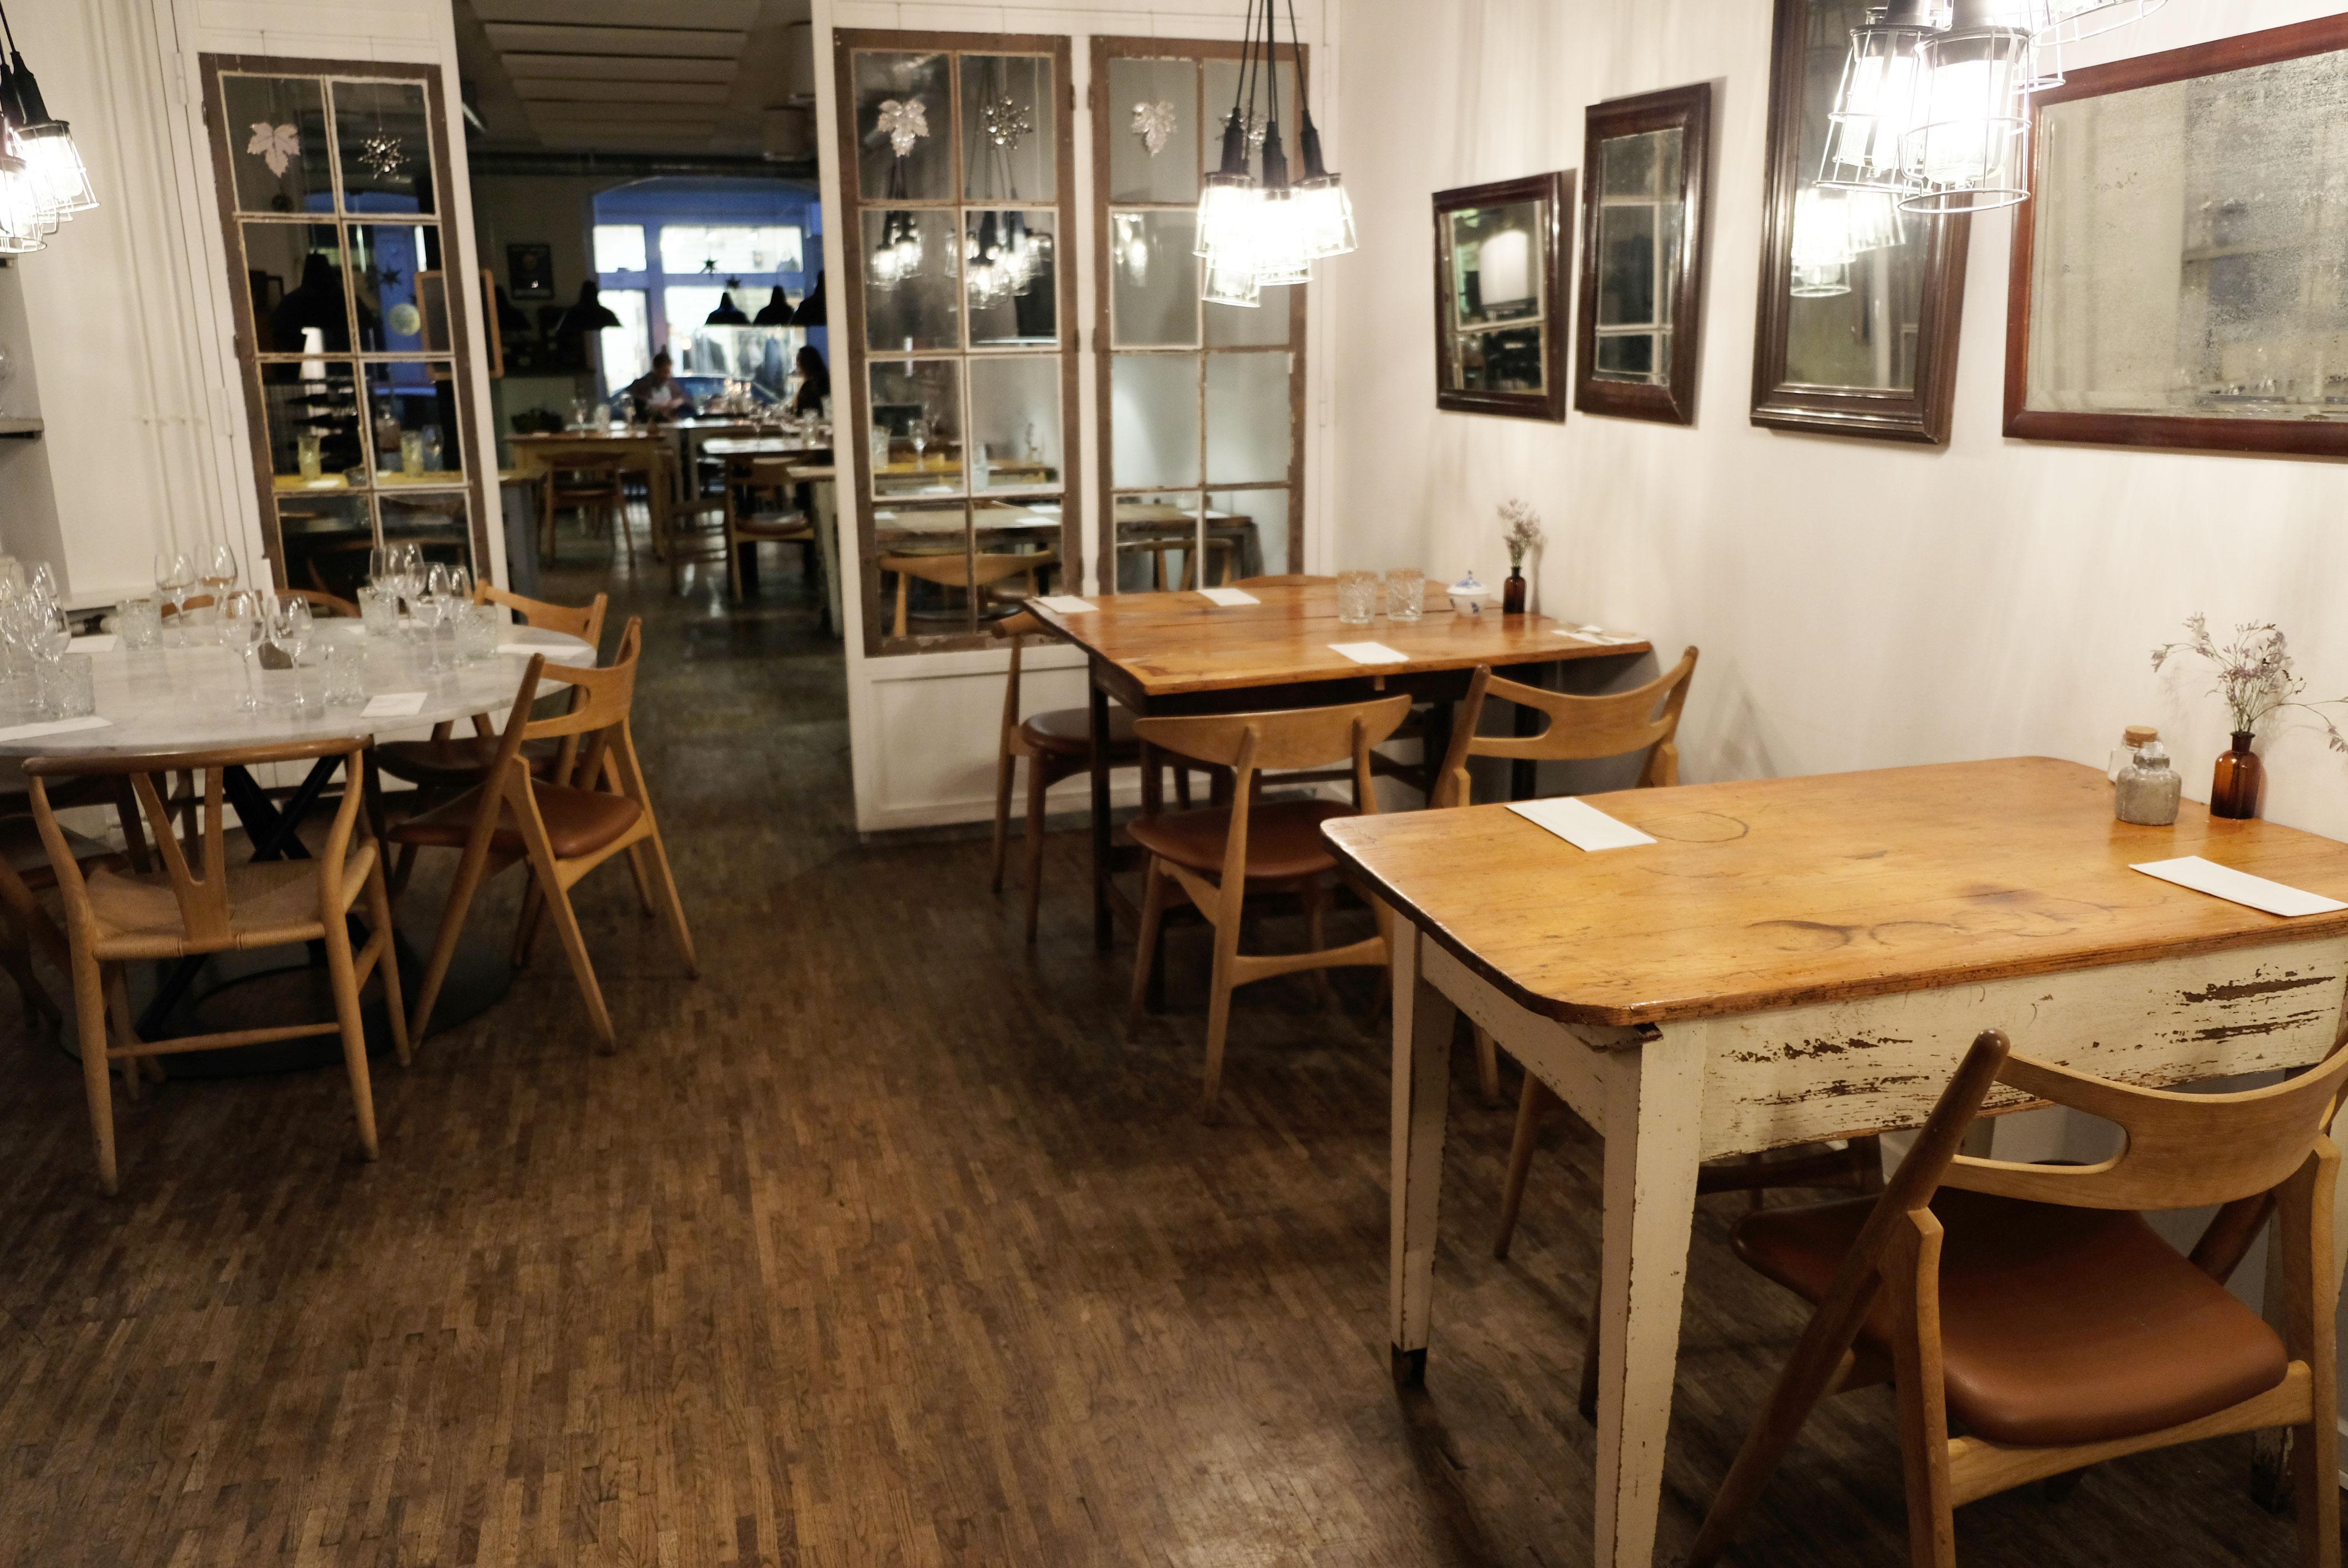 Aarhus_Foodtastic_DSCF9220